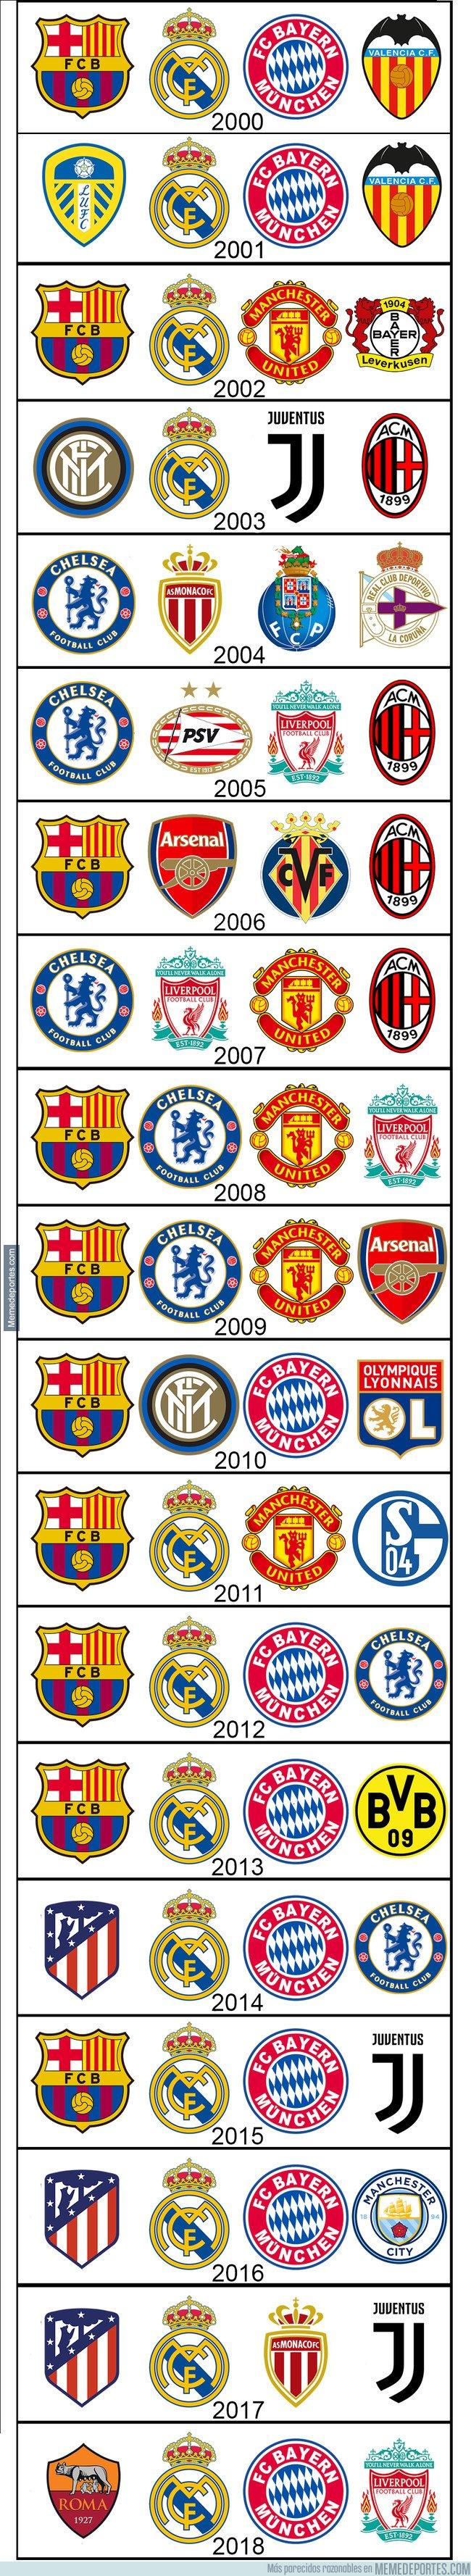 1030923 - Todas las semifinales de Champions League (2000-2018)